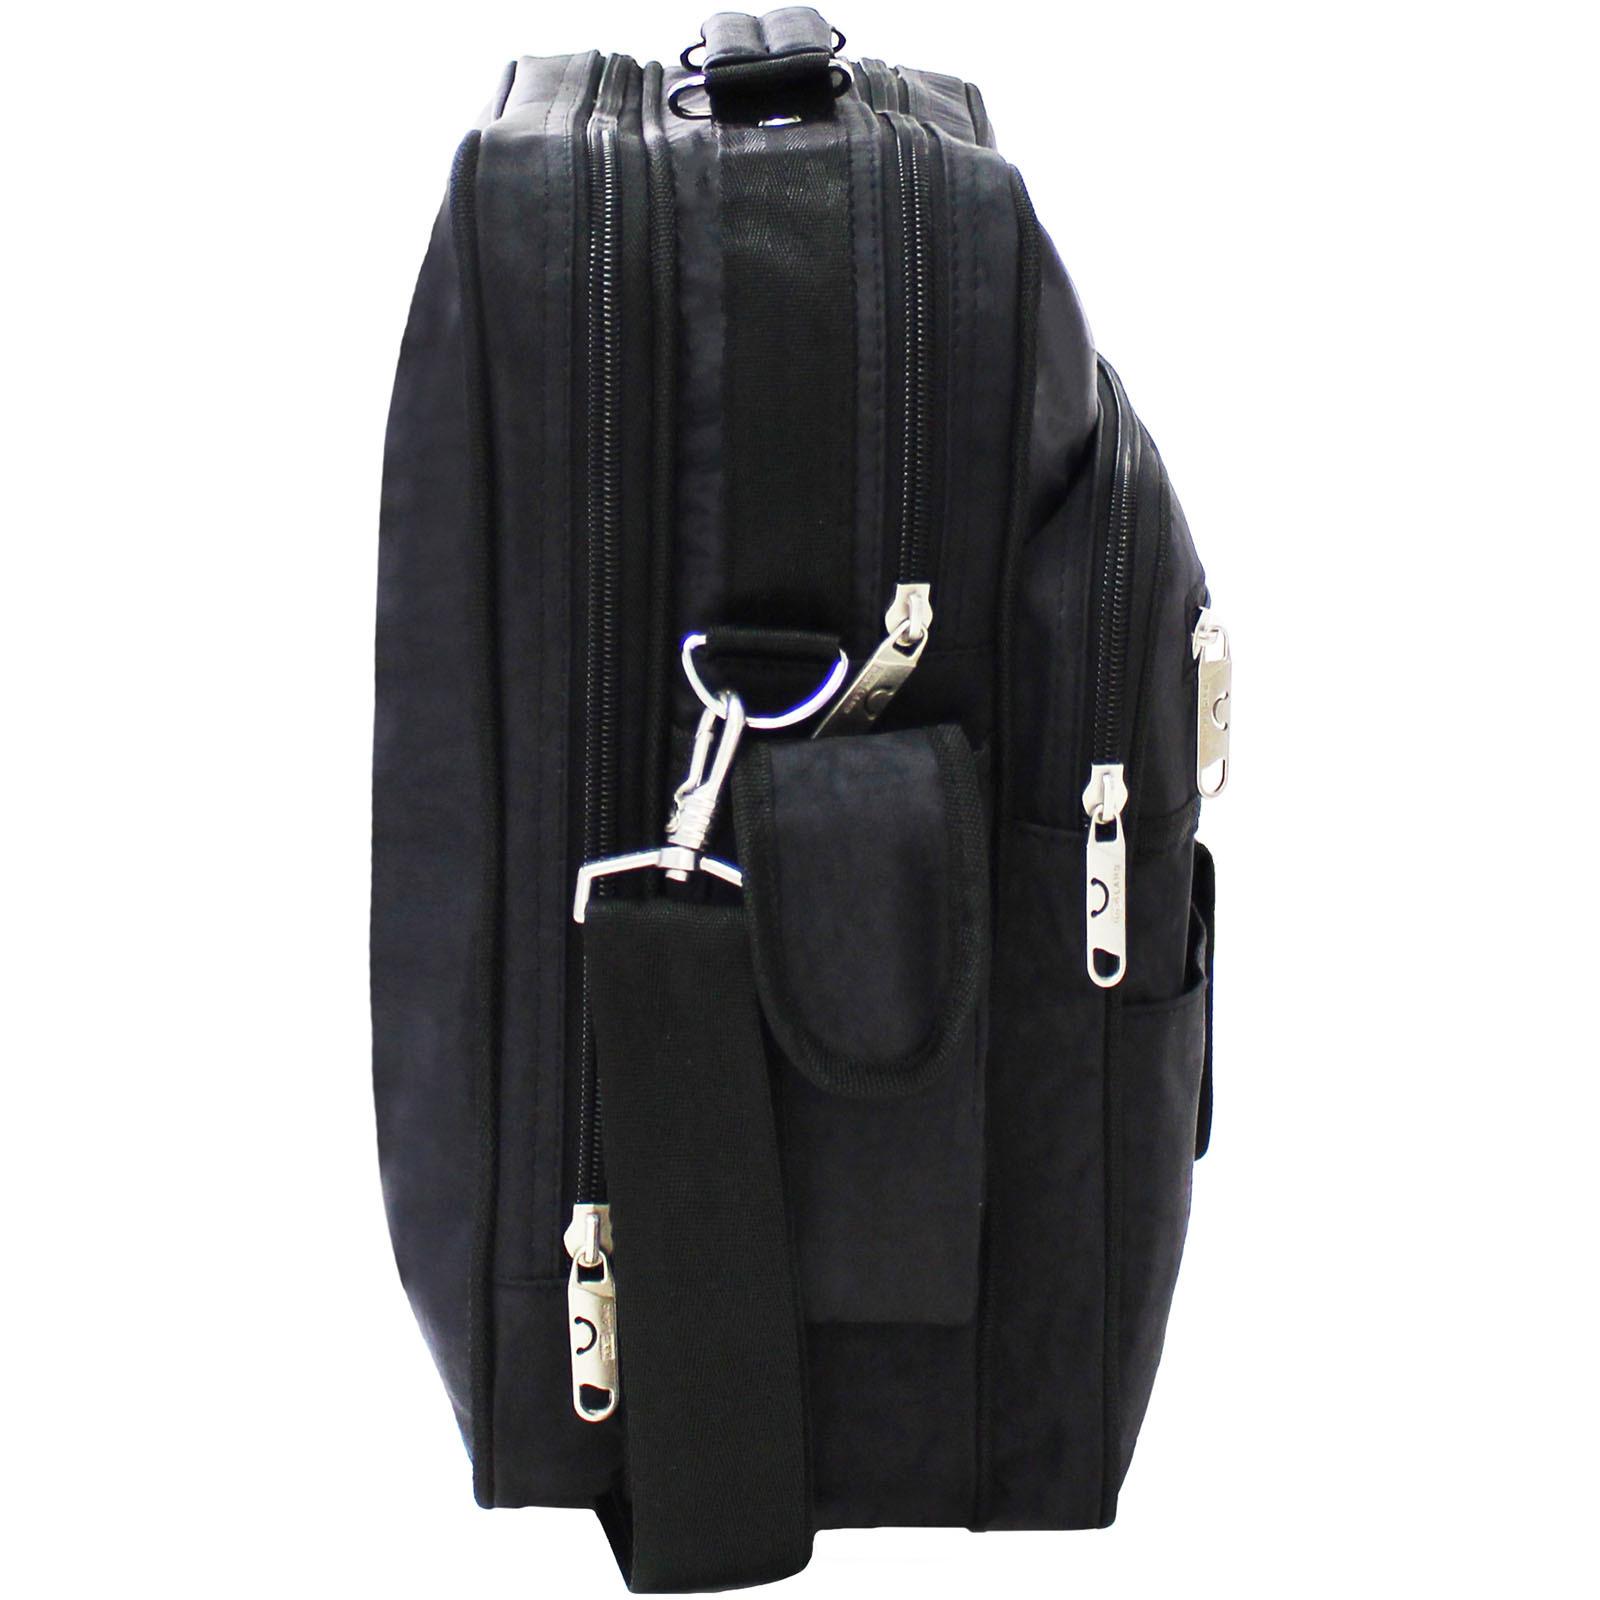 Мужская сумка Bagland Комерсант 11 л. Чёрный (0023870) фото 2